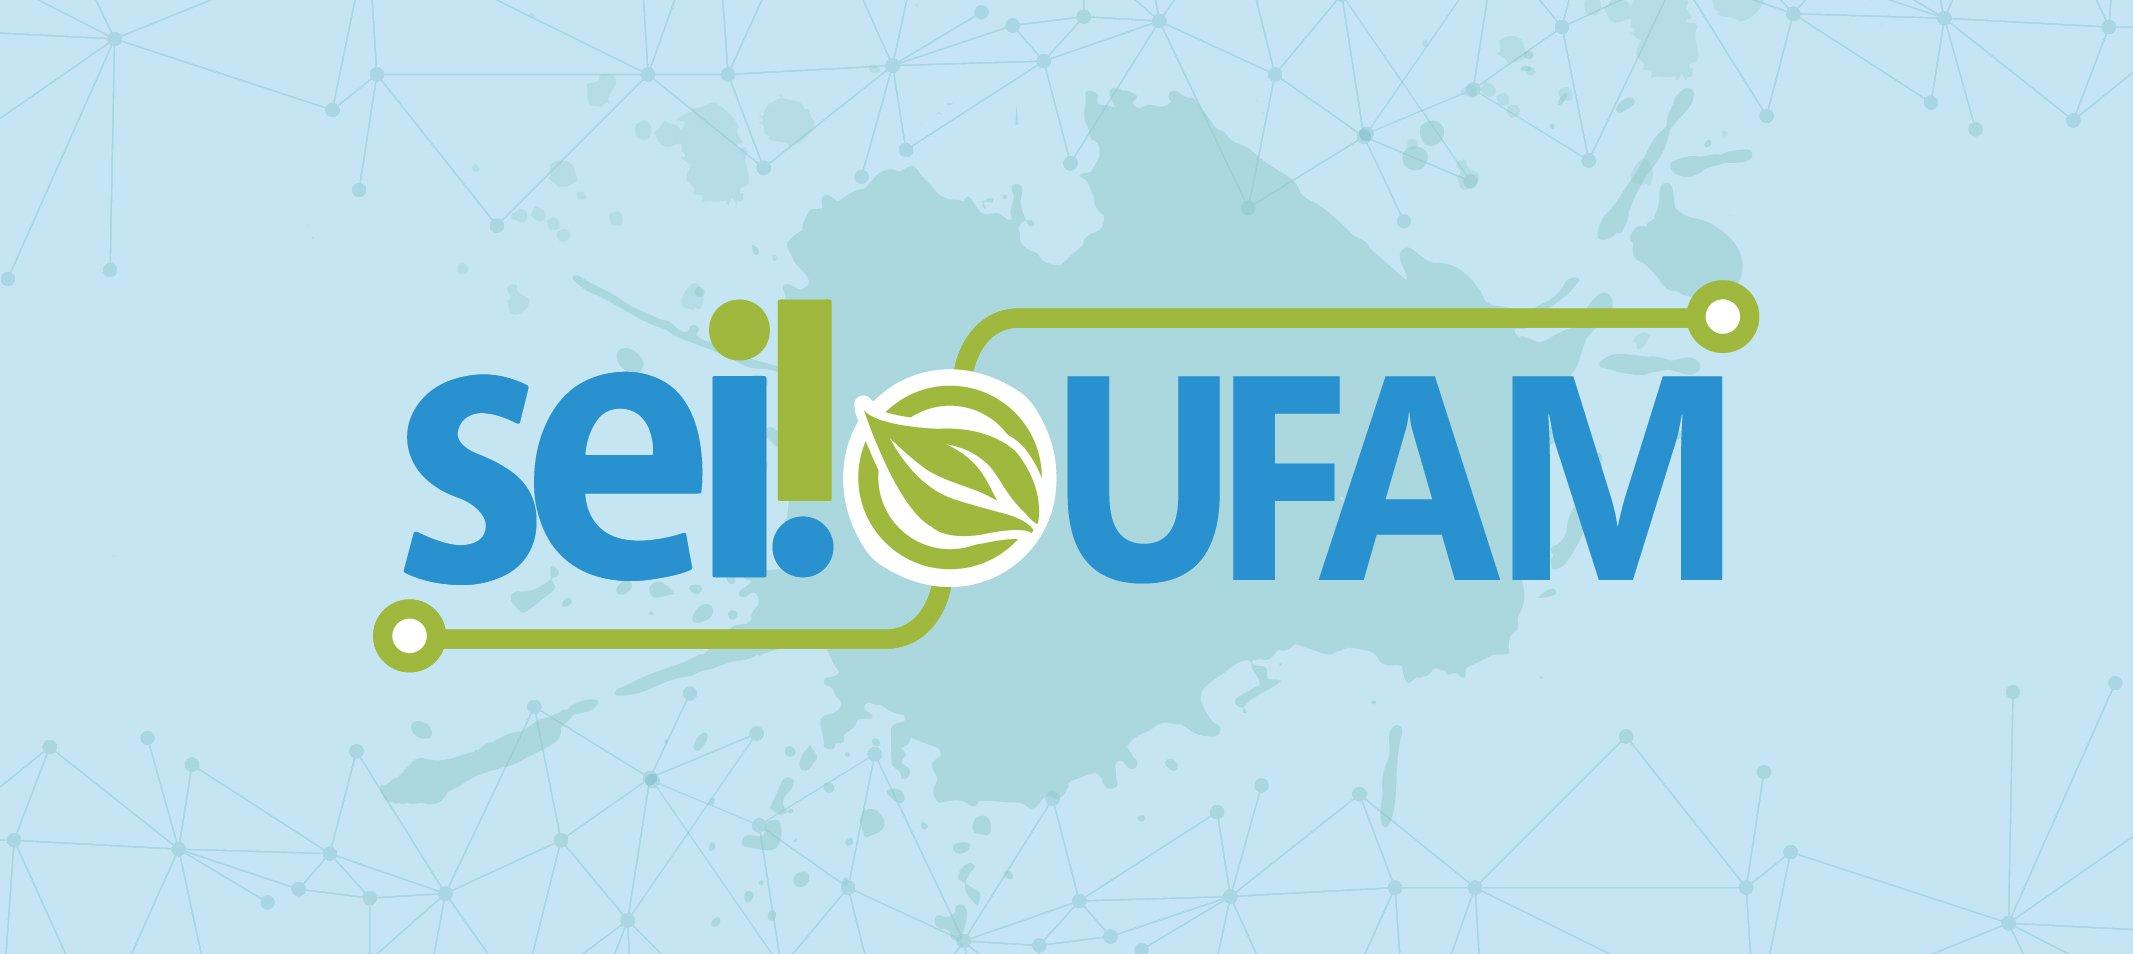 A partir de janeiro de 2020, processos administrativos da Universidade serão tramitados exclusivamente pelo SEI Ufam